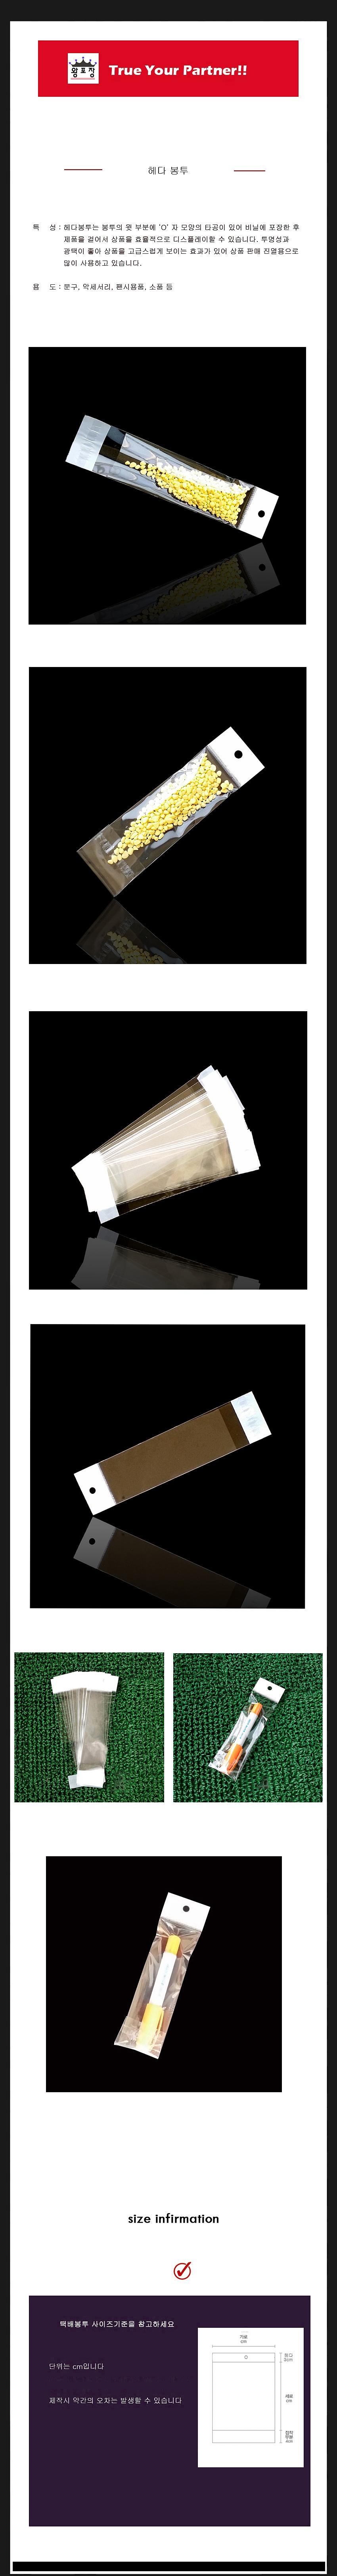 진열용 투명 OPP 헤다봉투 14cmX(3+15cm) +4cm 400장 - 니모키즈, 15,130원, 비닐/폴리, 심플